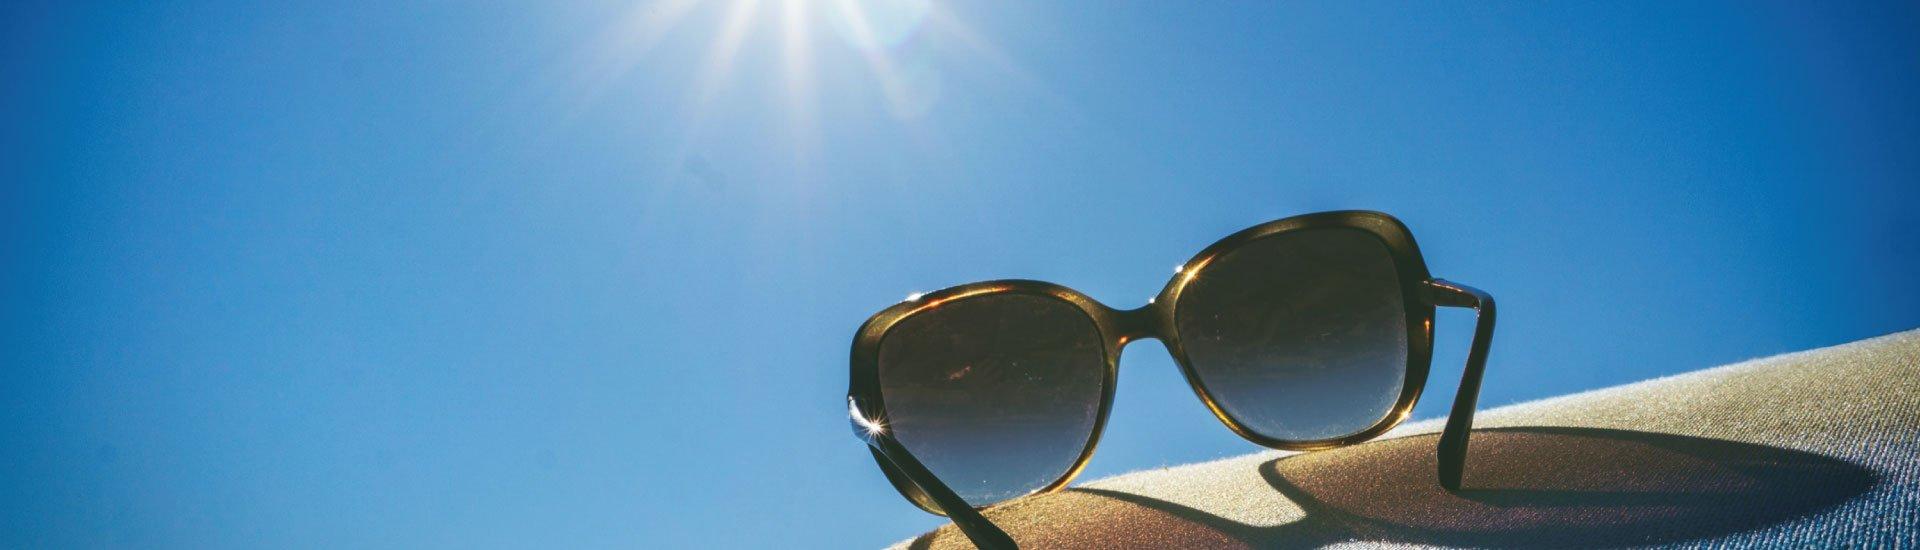 protection-du-soleil